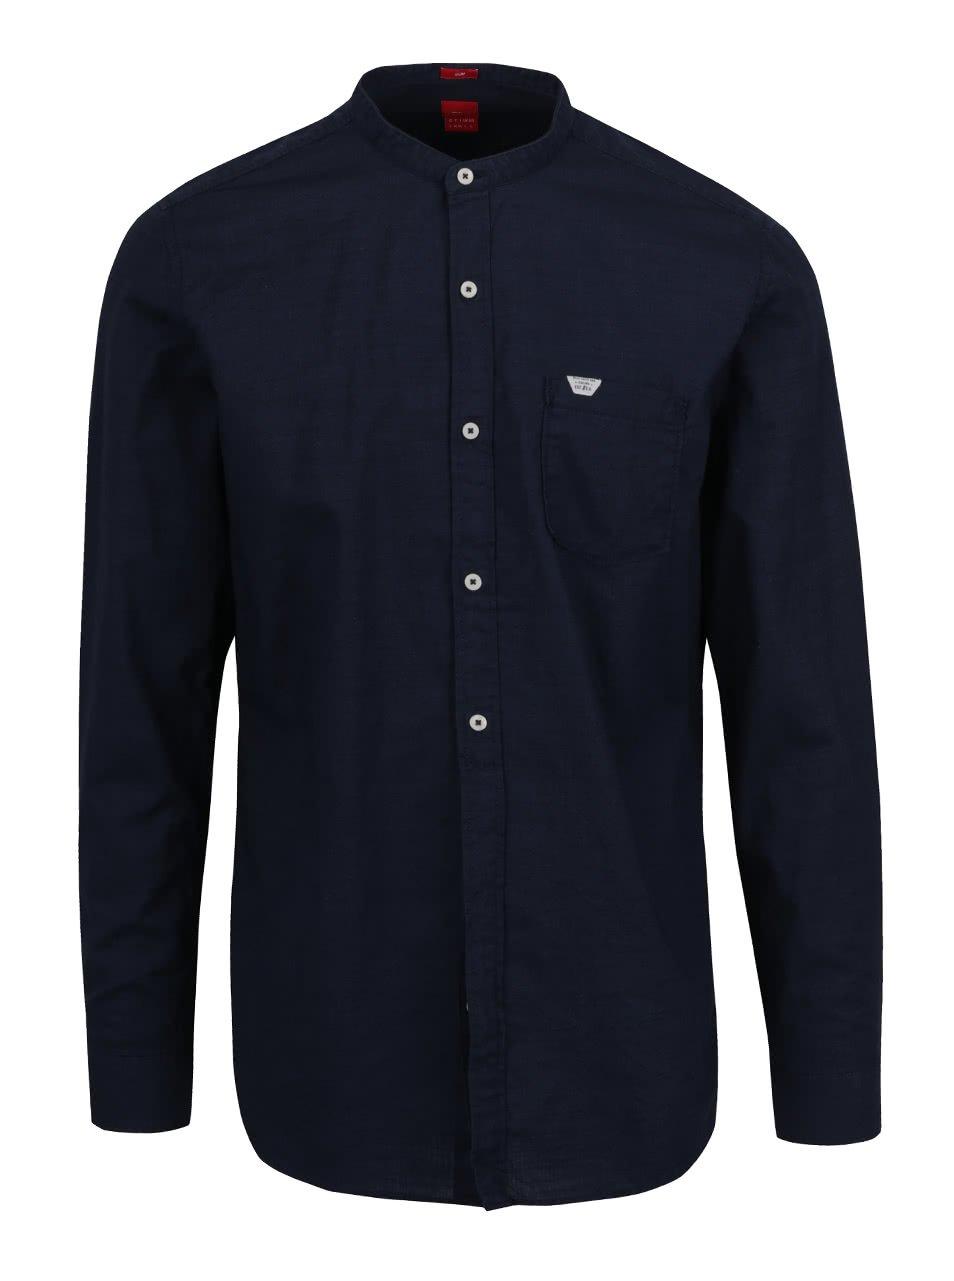 Tmavě modrá pánská košile bez límečku s kapsou s.Oliver